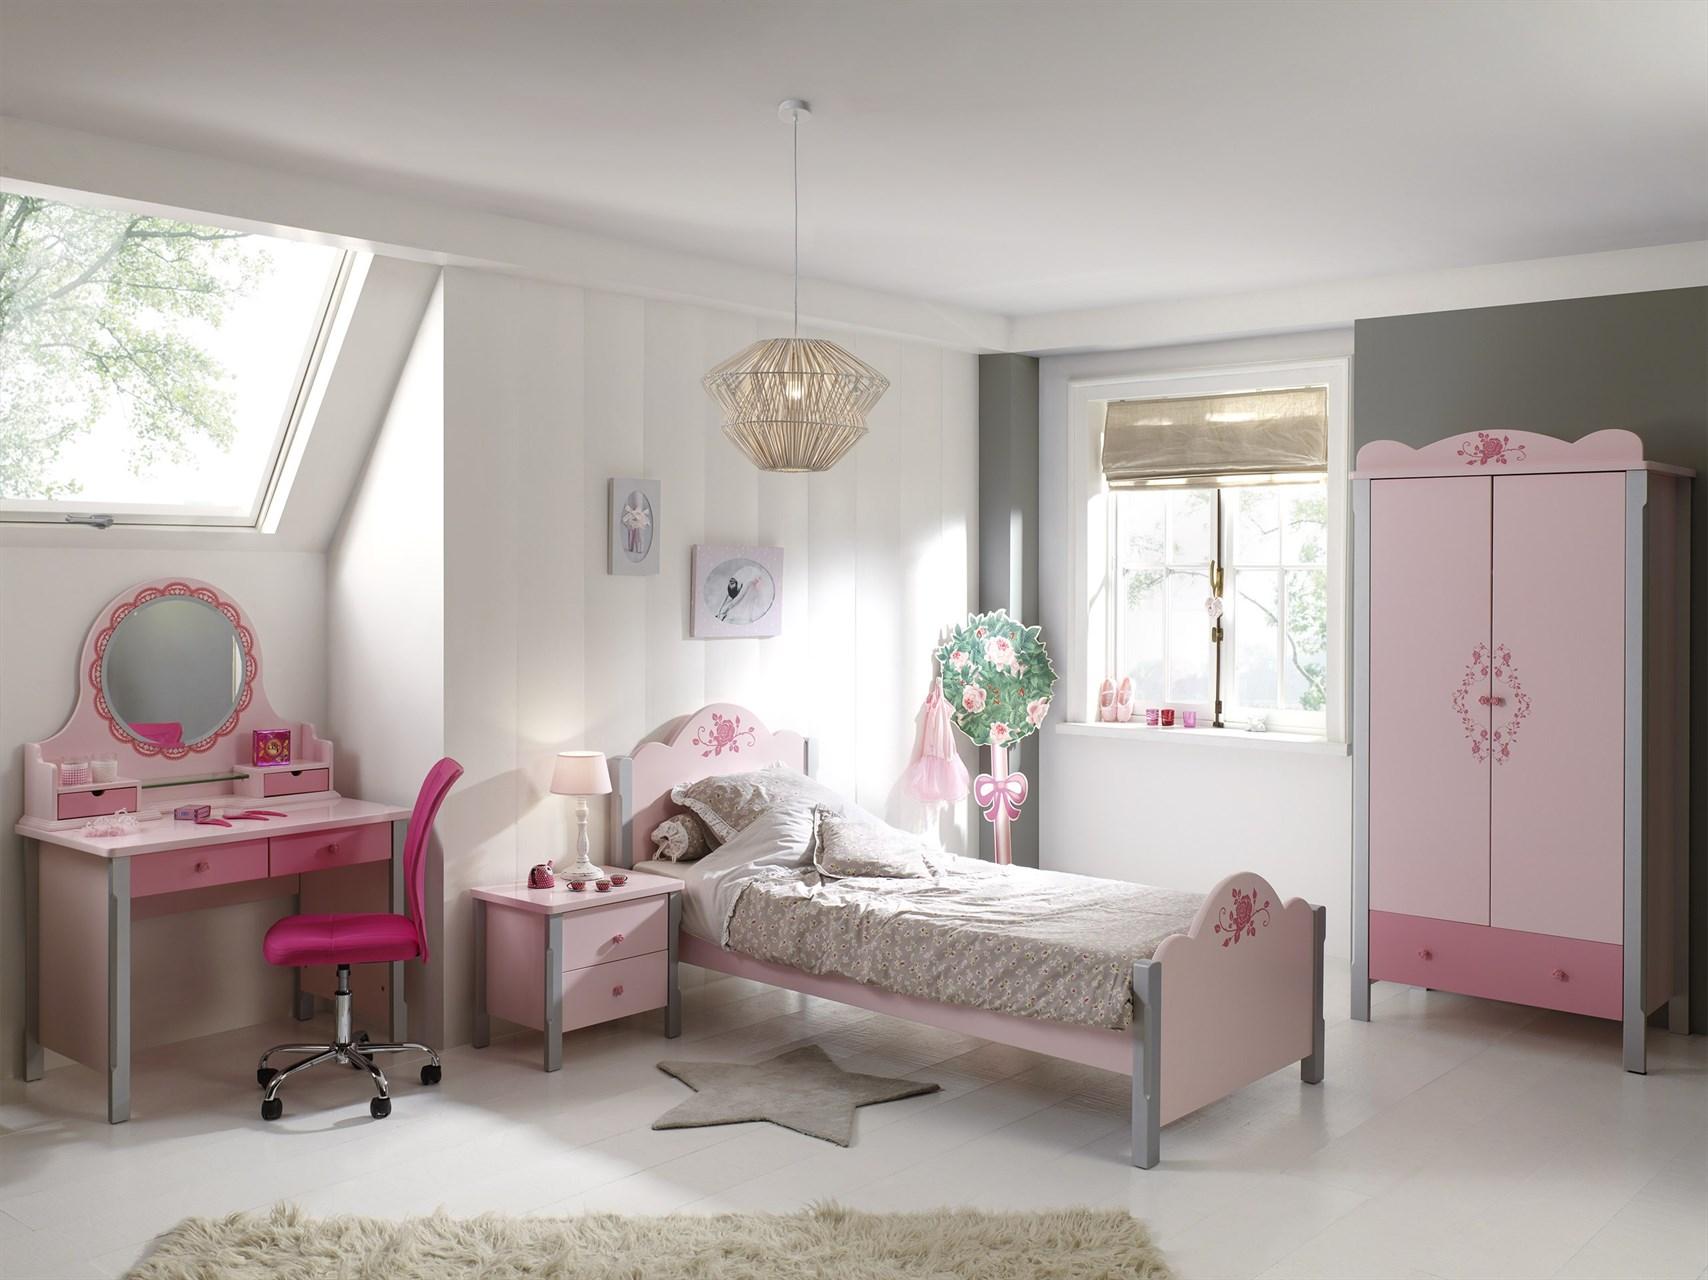 vipack complete slaapkamer cindy roze